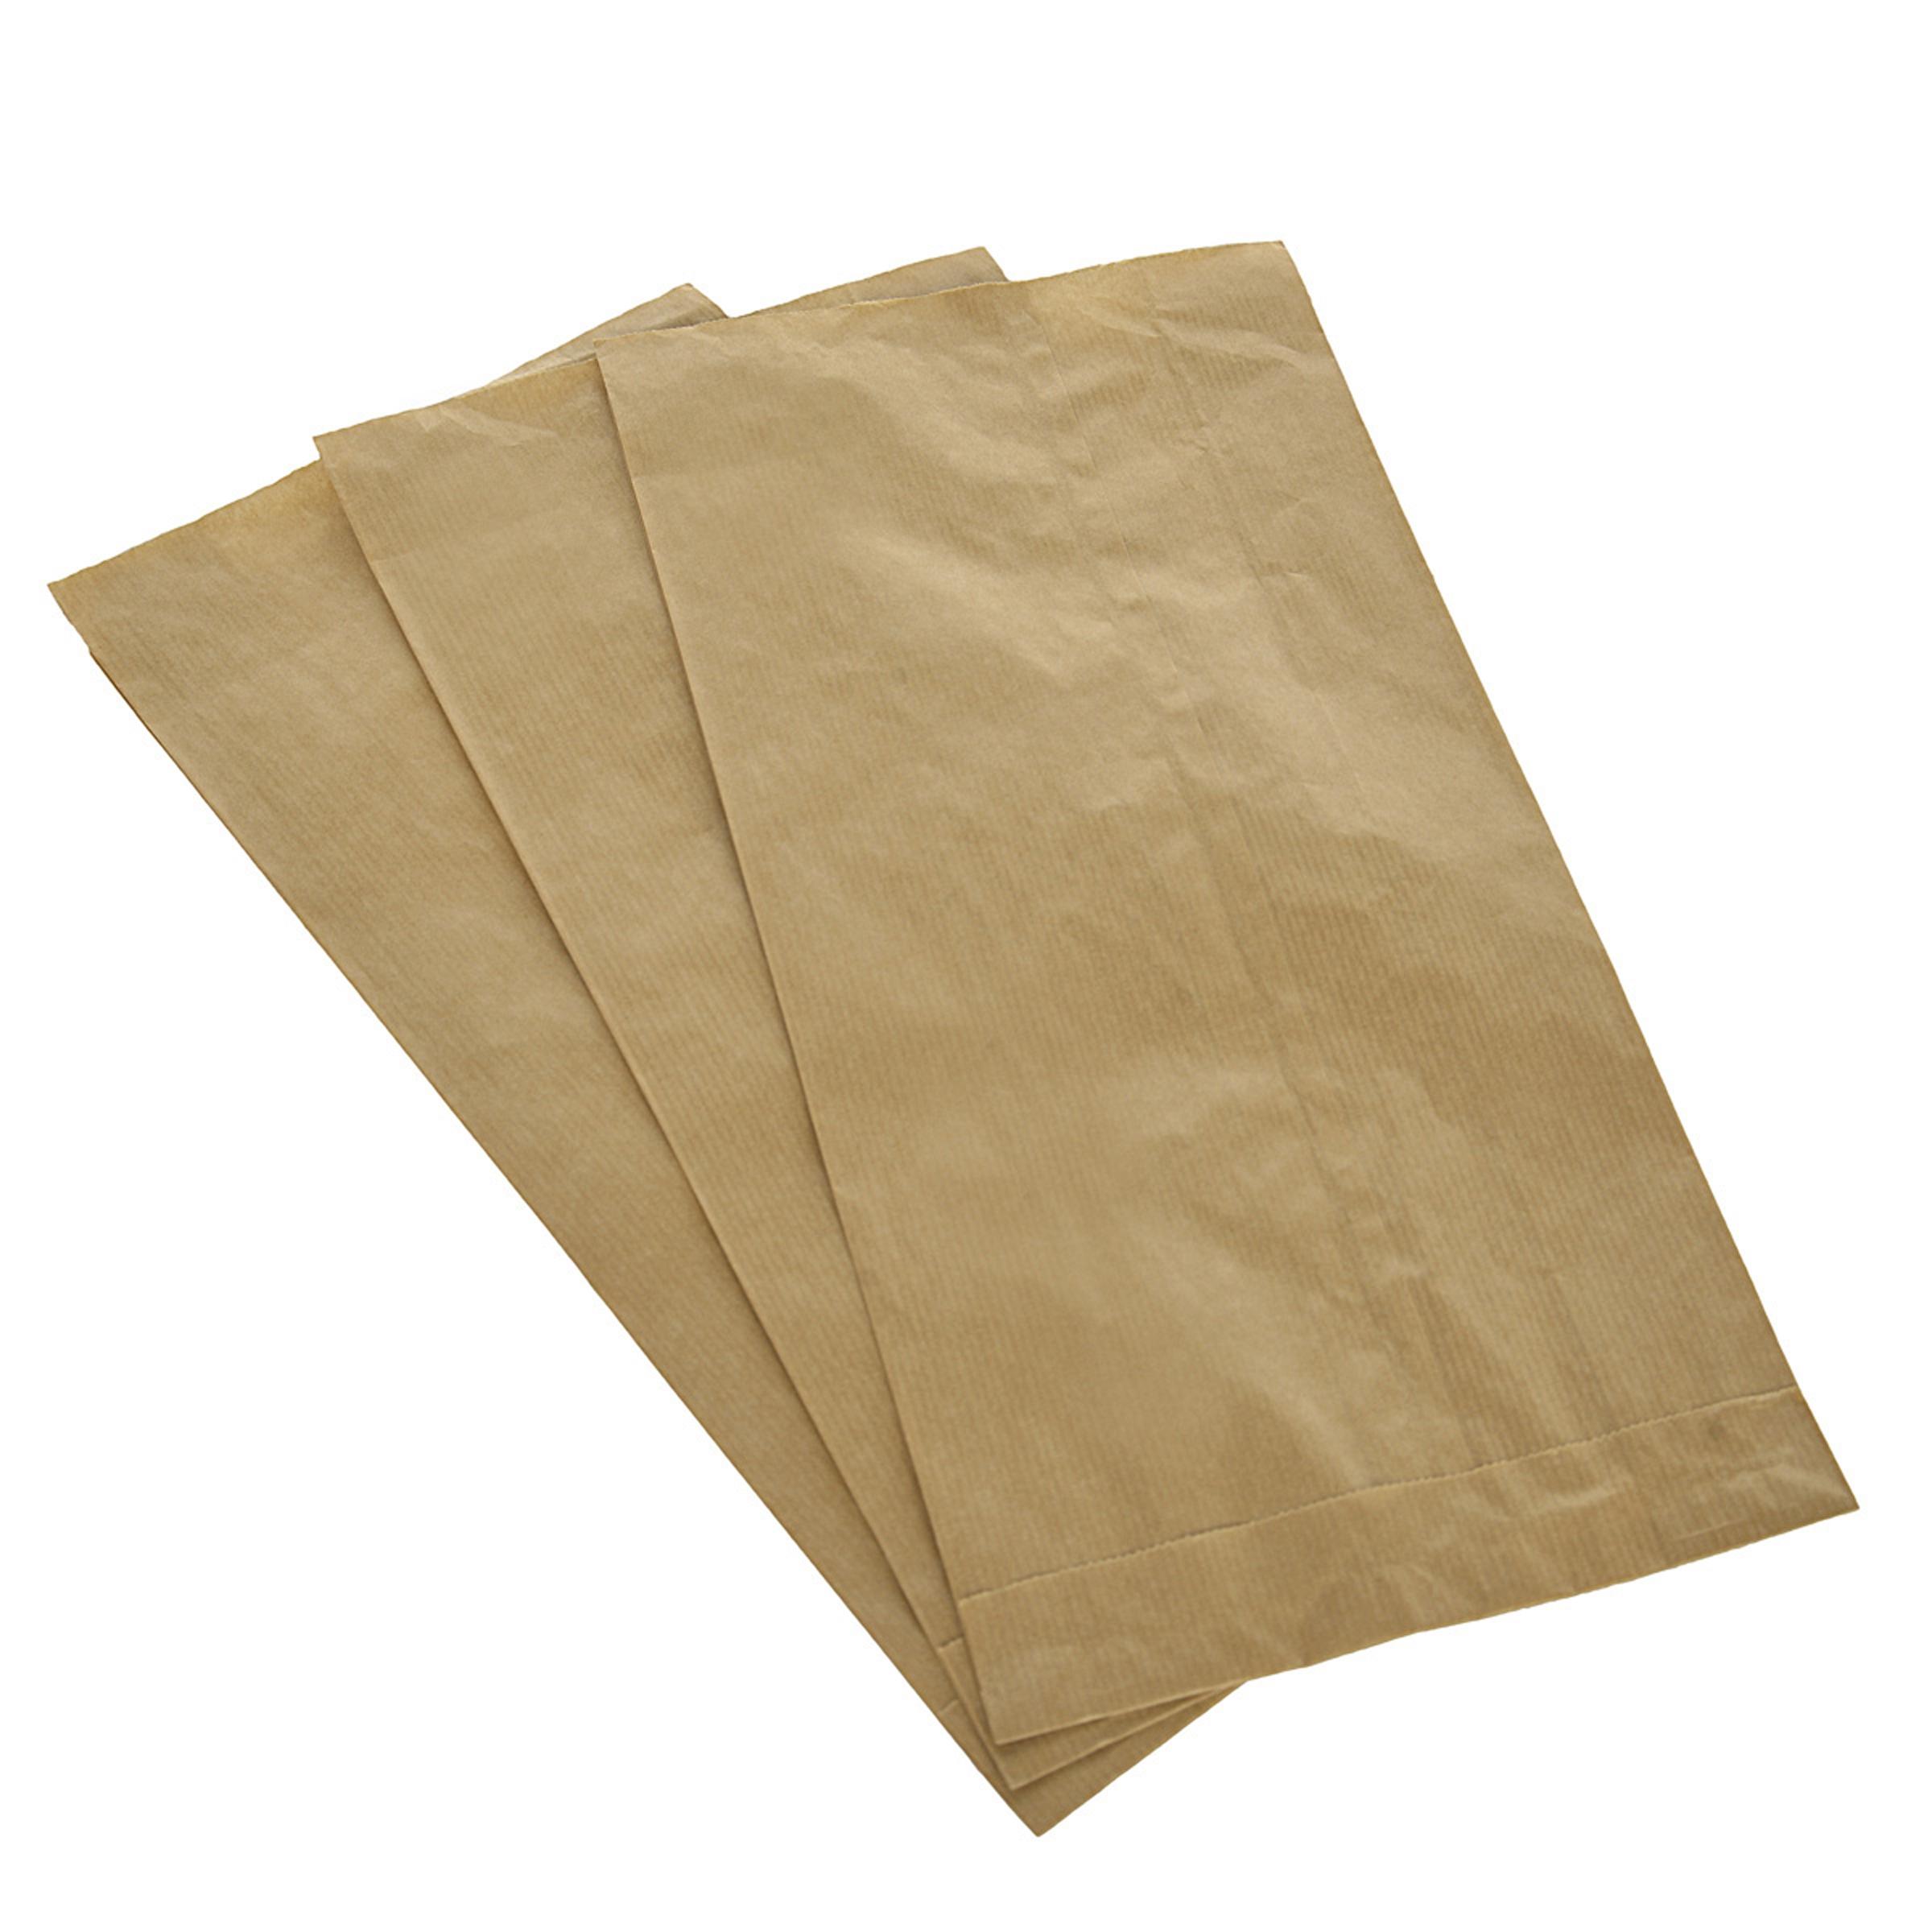 7542b339b9069 Torba papierowa fałdowa brązowa 14